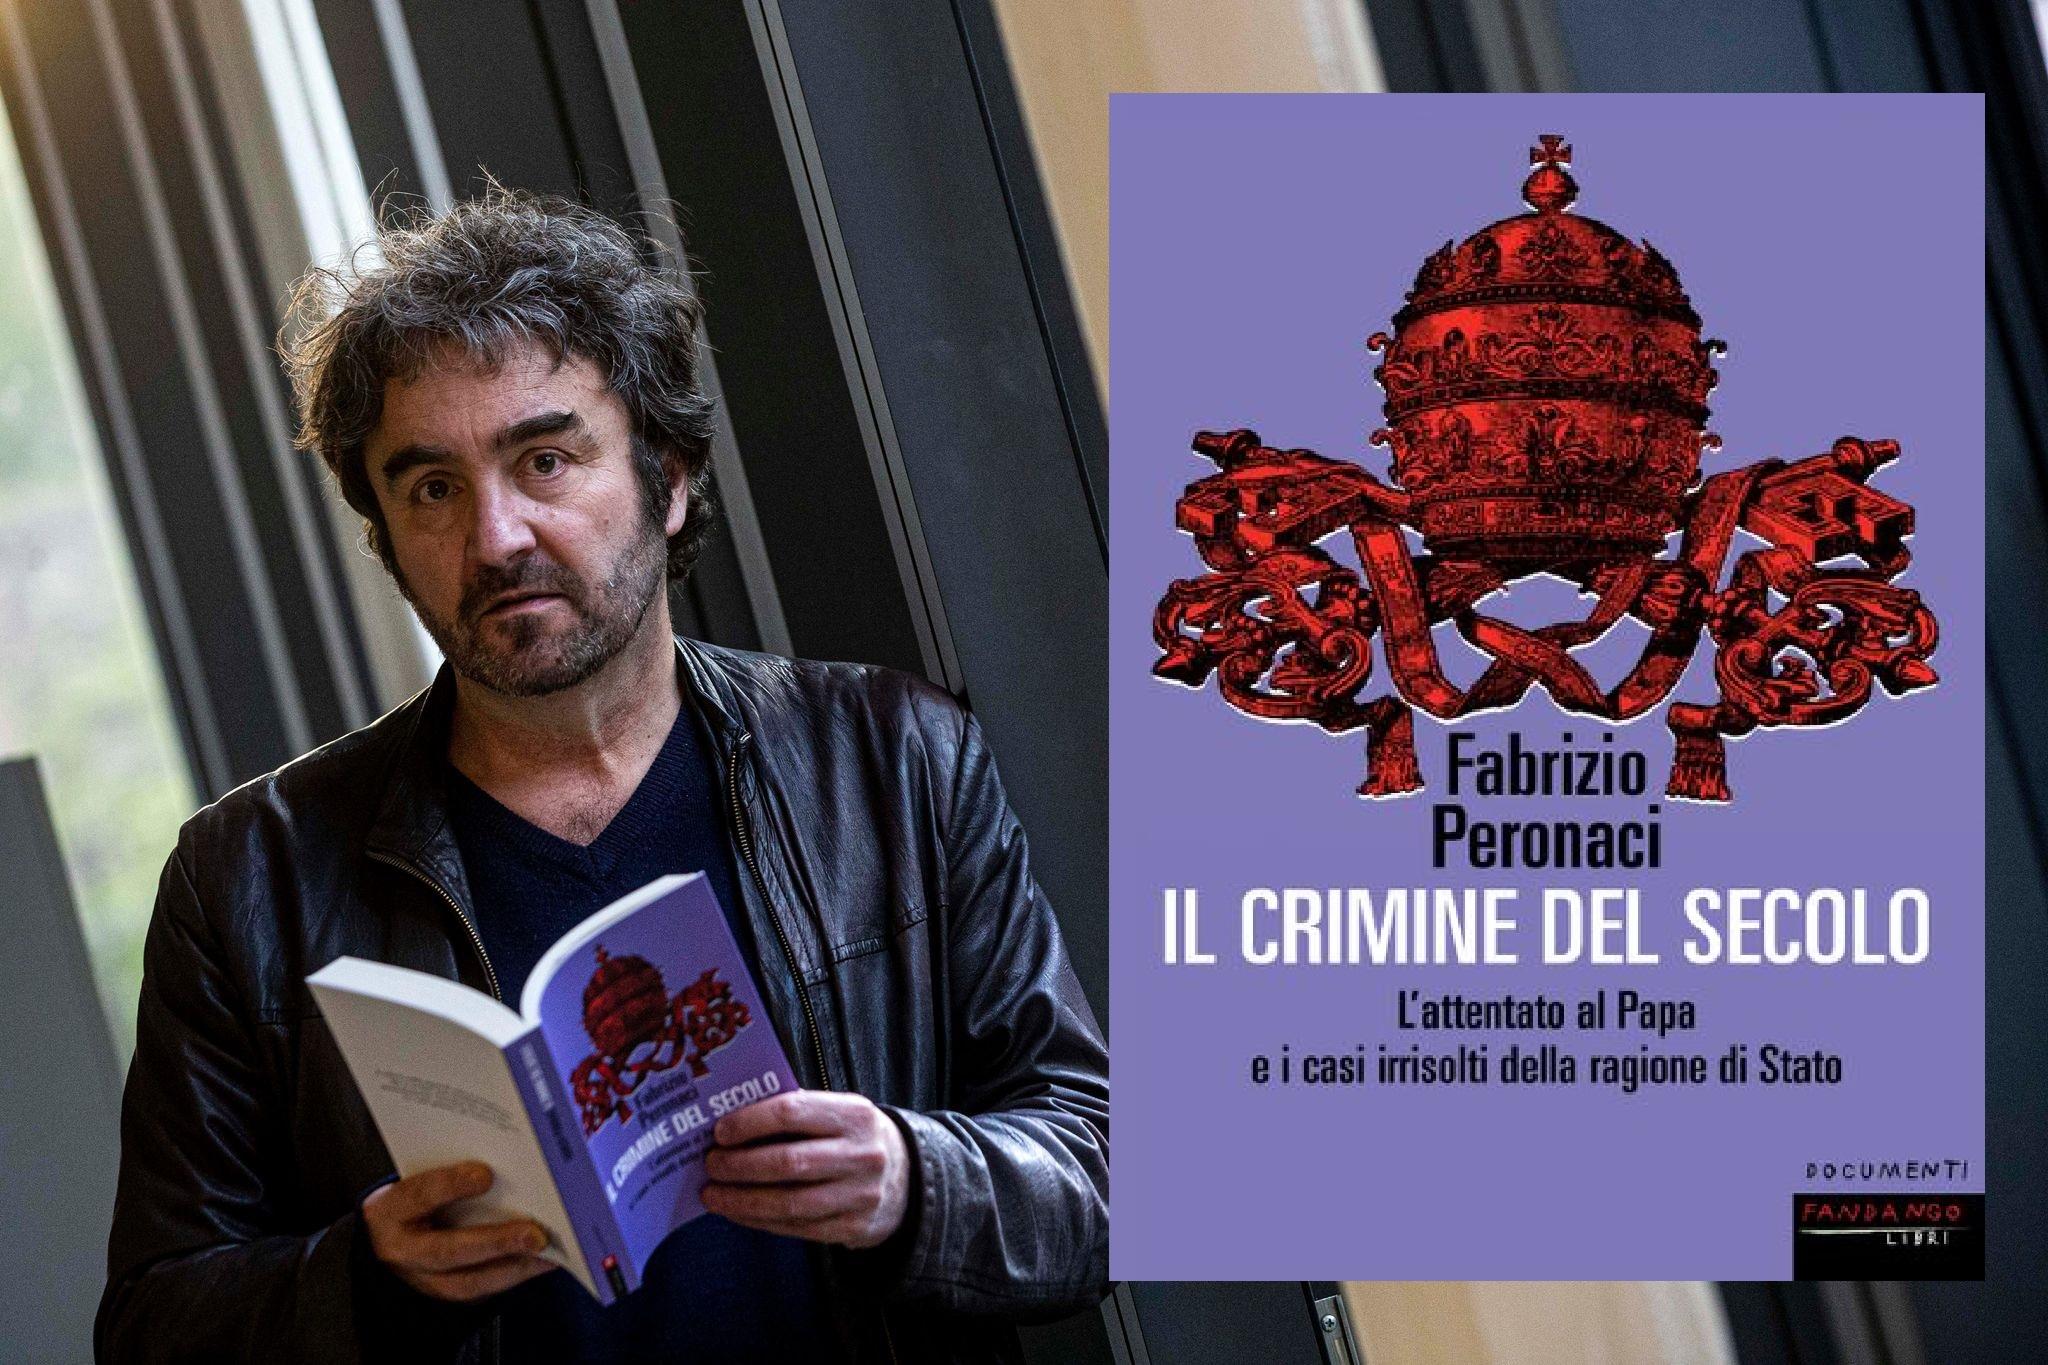 IL CRIMINE DEL SECOLO di Fabrizio Peronaci